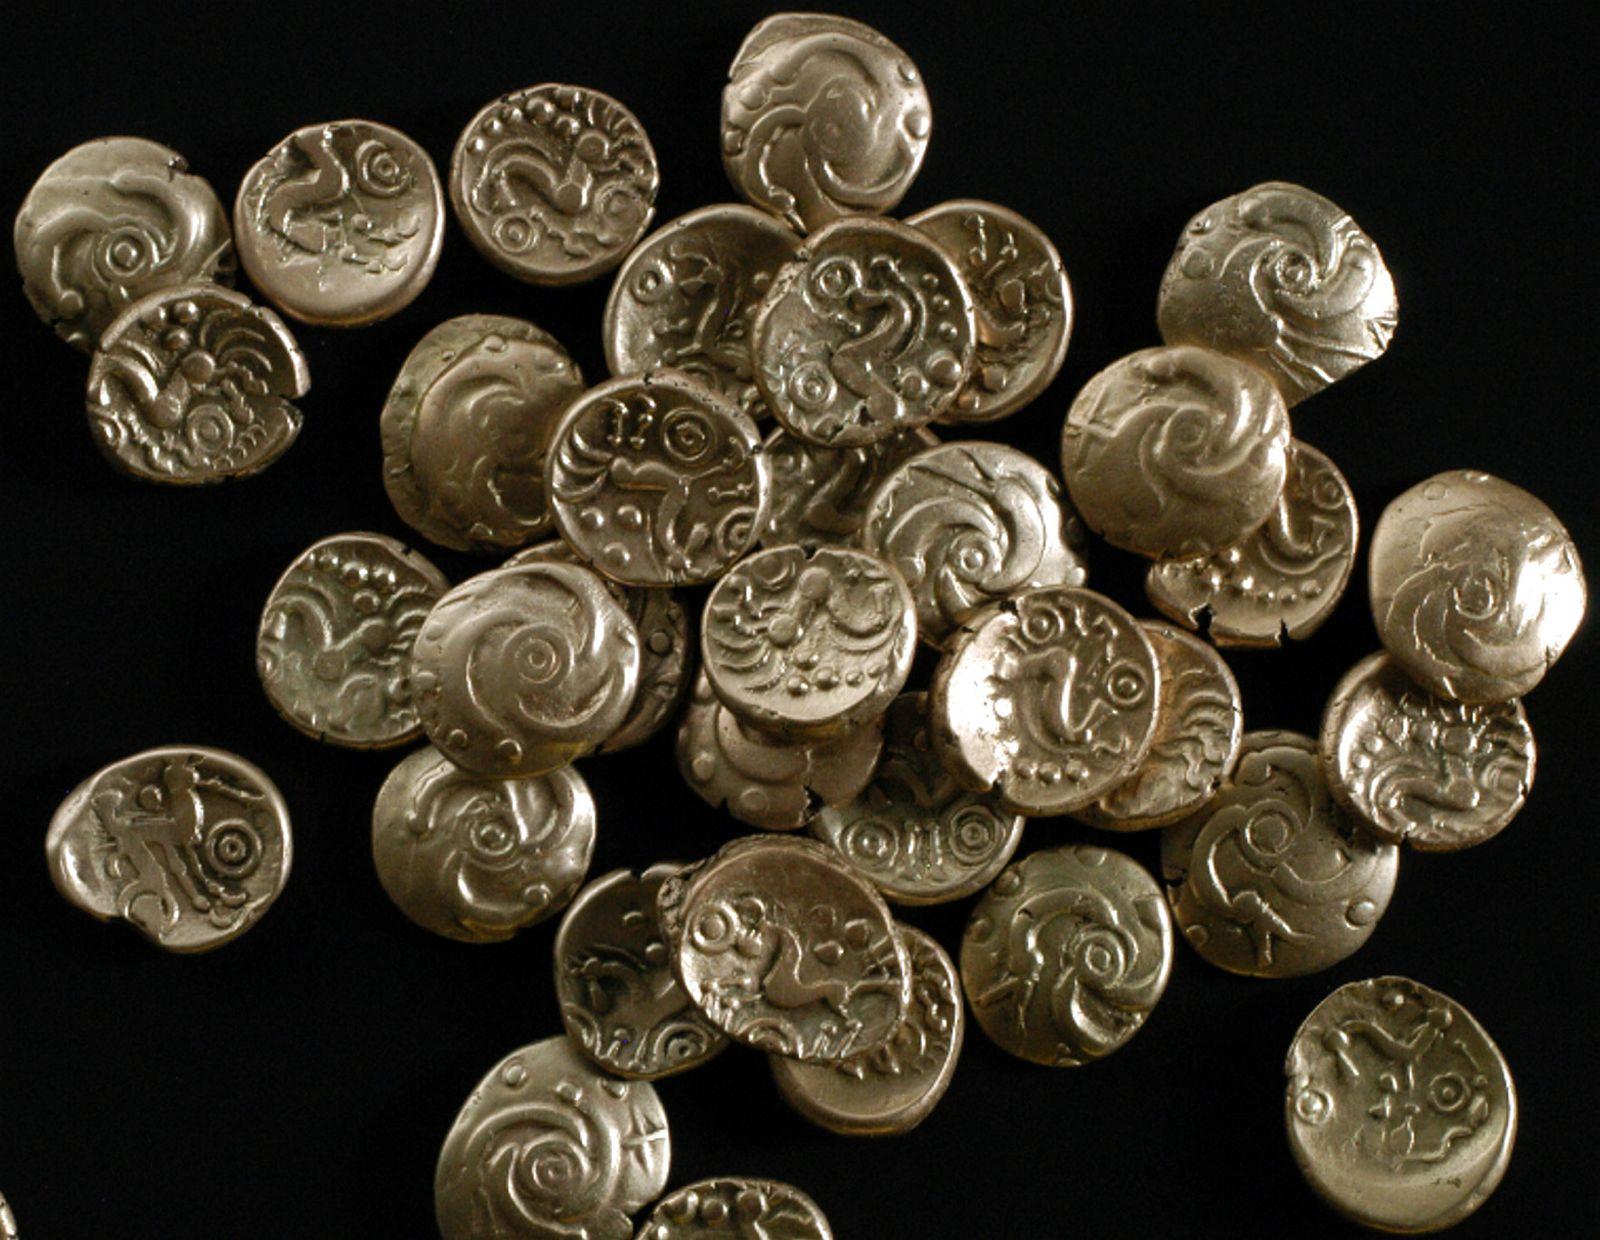 Keltischer Münzschatz auf Acker in Maastricht gefunden